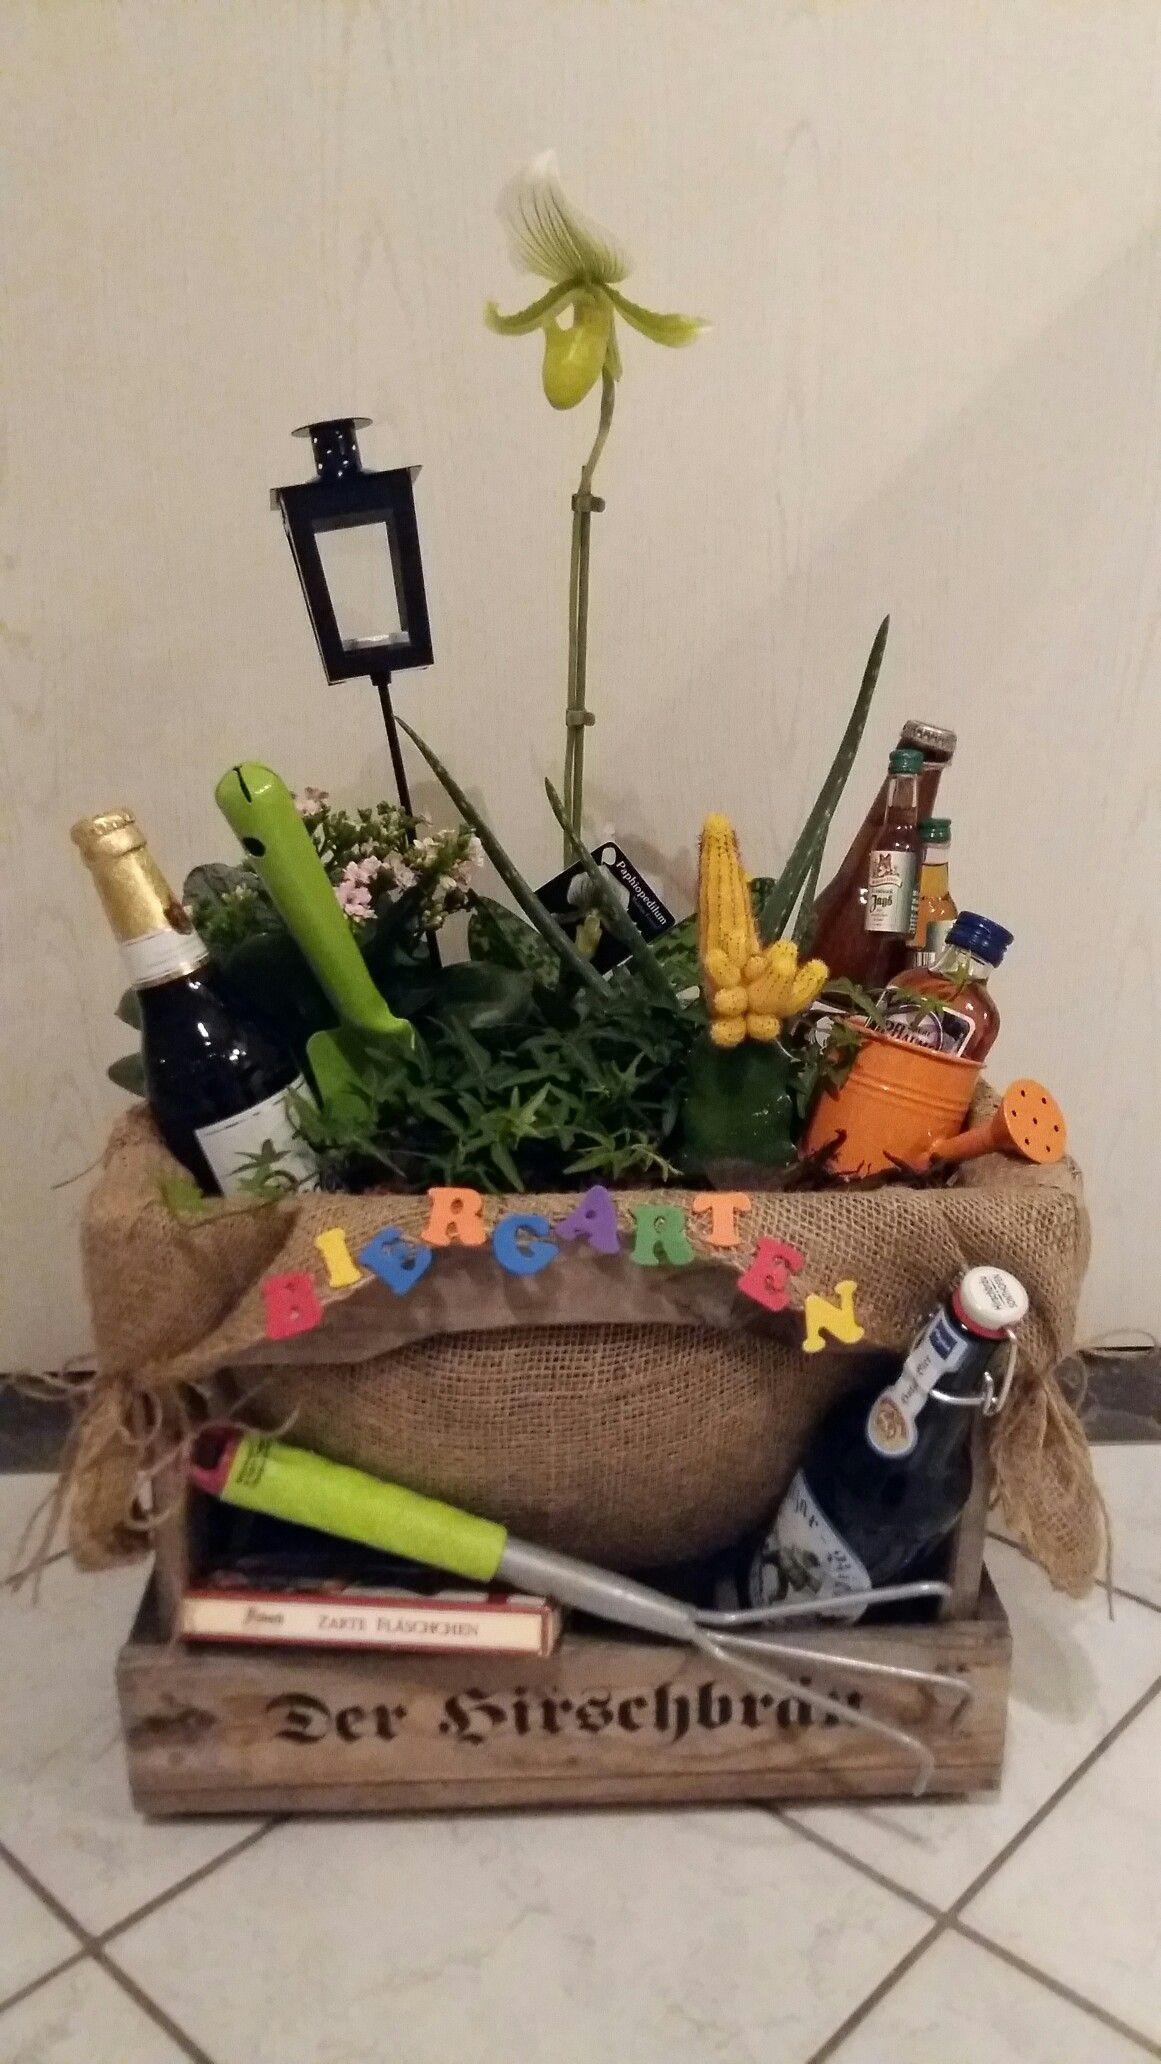 Lustige Geschenke Zum 60. Geburtstag Für Männer  Biergarten für Männer zum Geburtstag